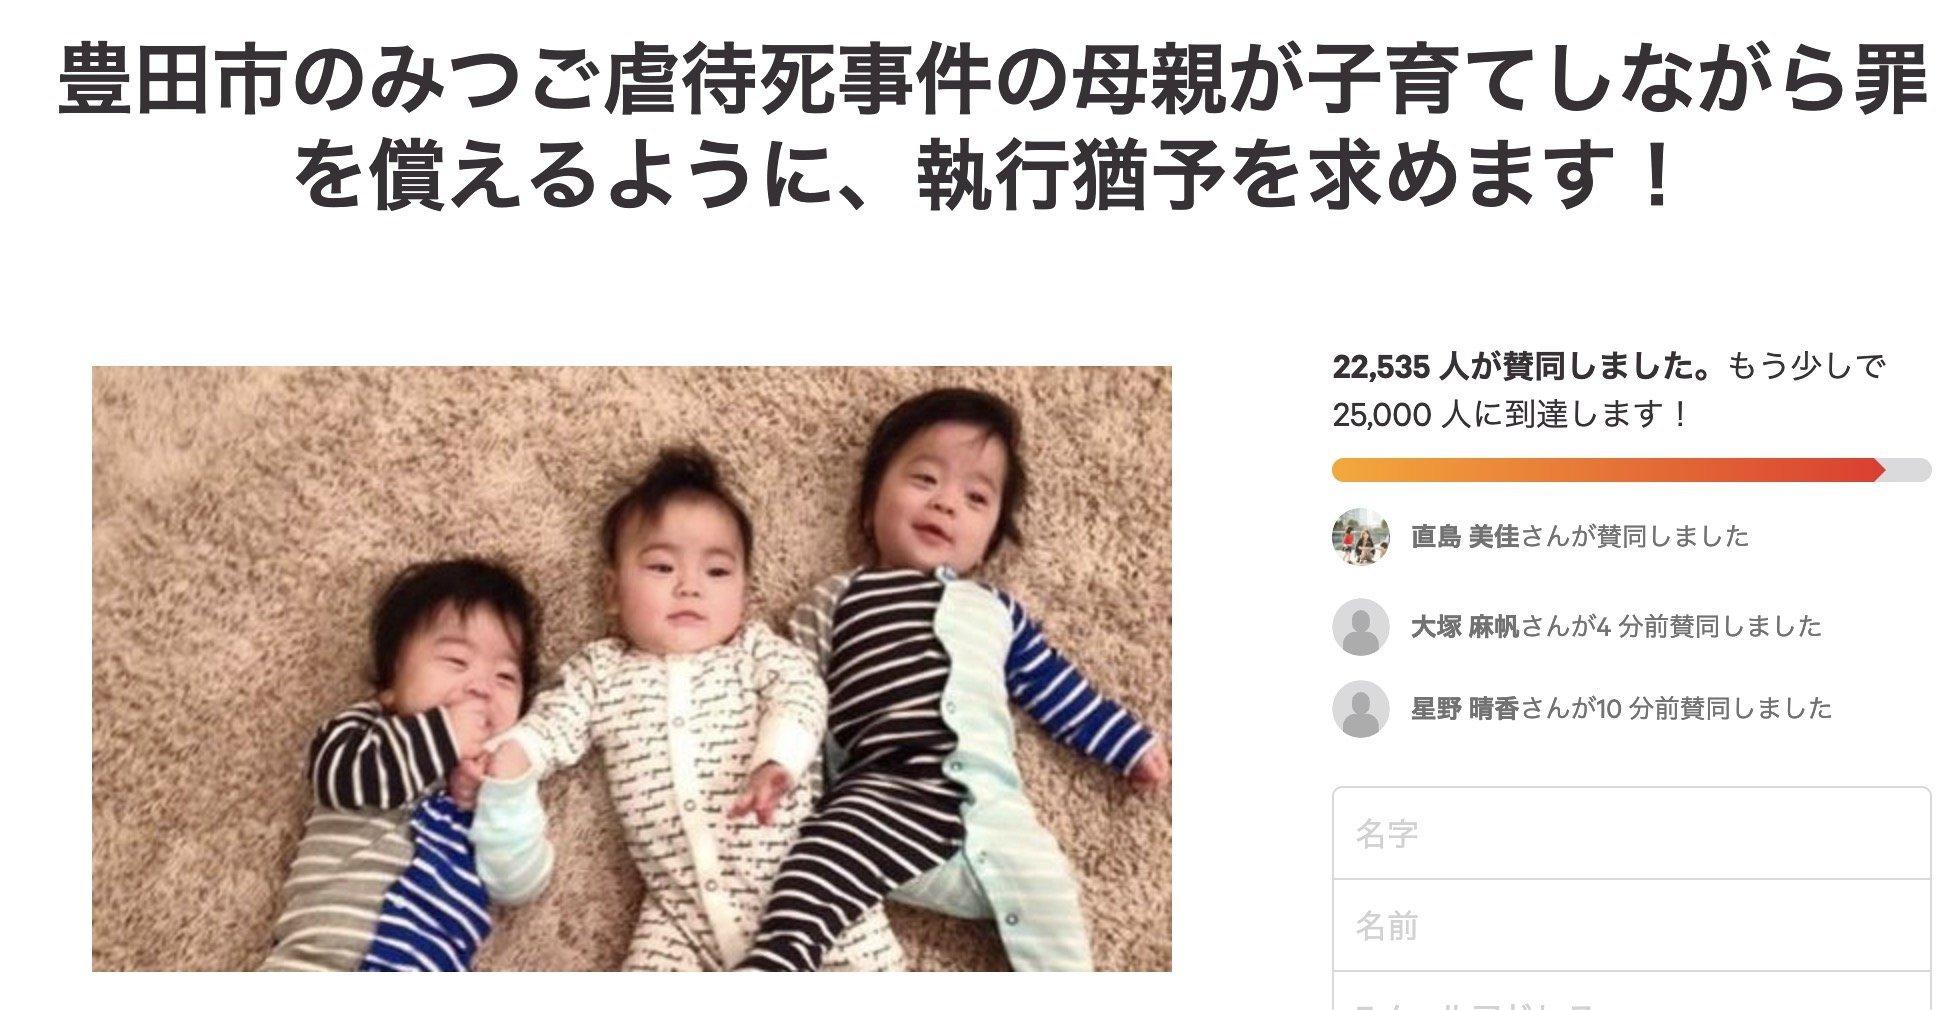 三つ子の次男を死なせて実刑判決を受けた母に、執行猶予を求める署名が2万を突破。当事者が語る共感の理由